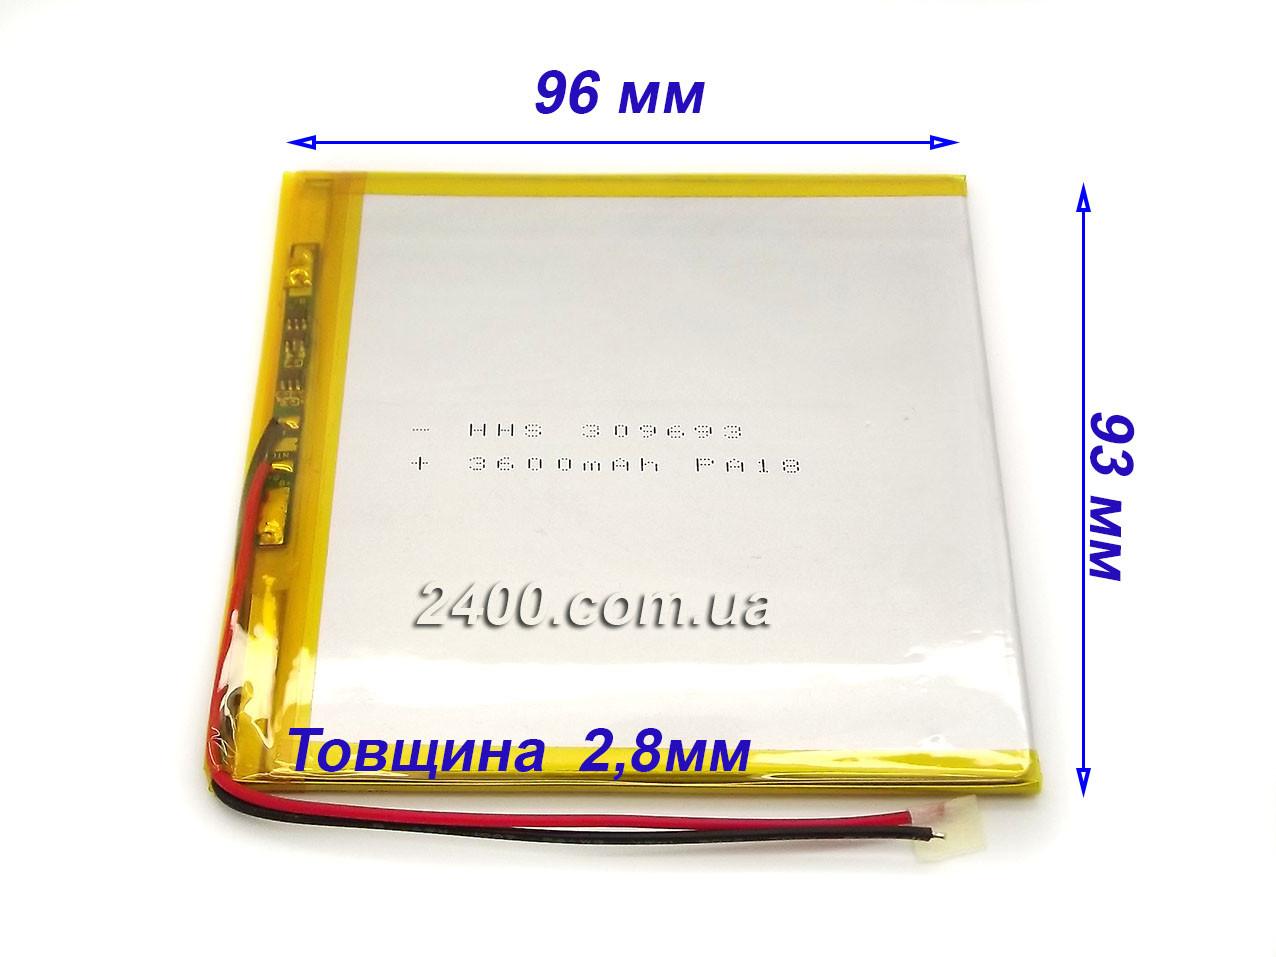 Аккумулятор 3600мАч 309693 мм 3,7в универсальный для планшета 3600mAh 3.7v 3*96*93